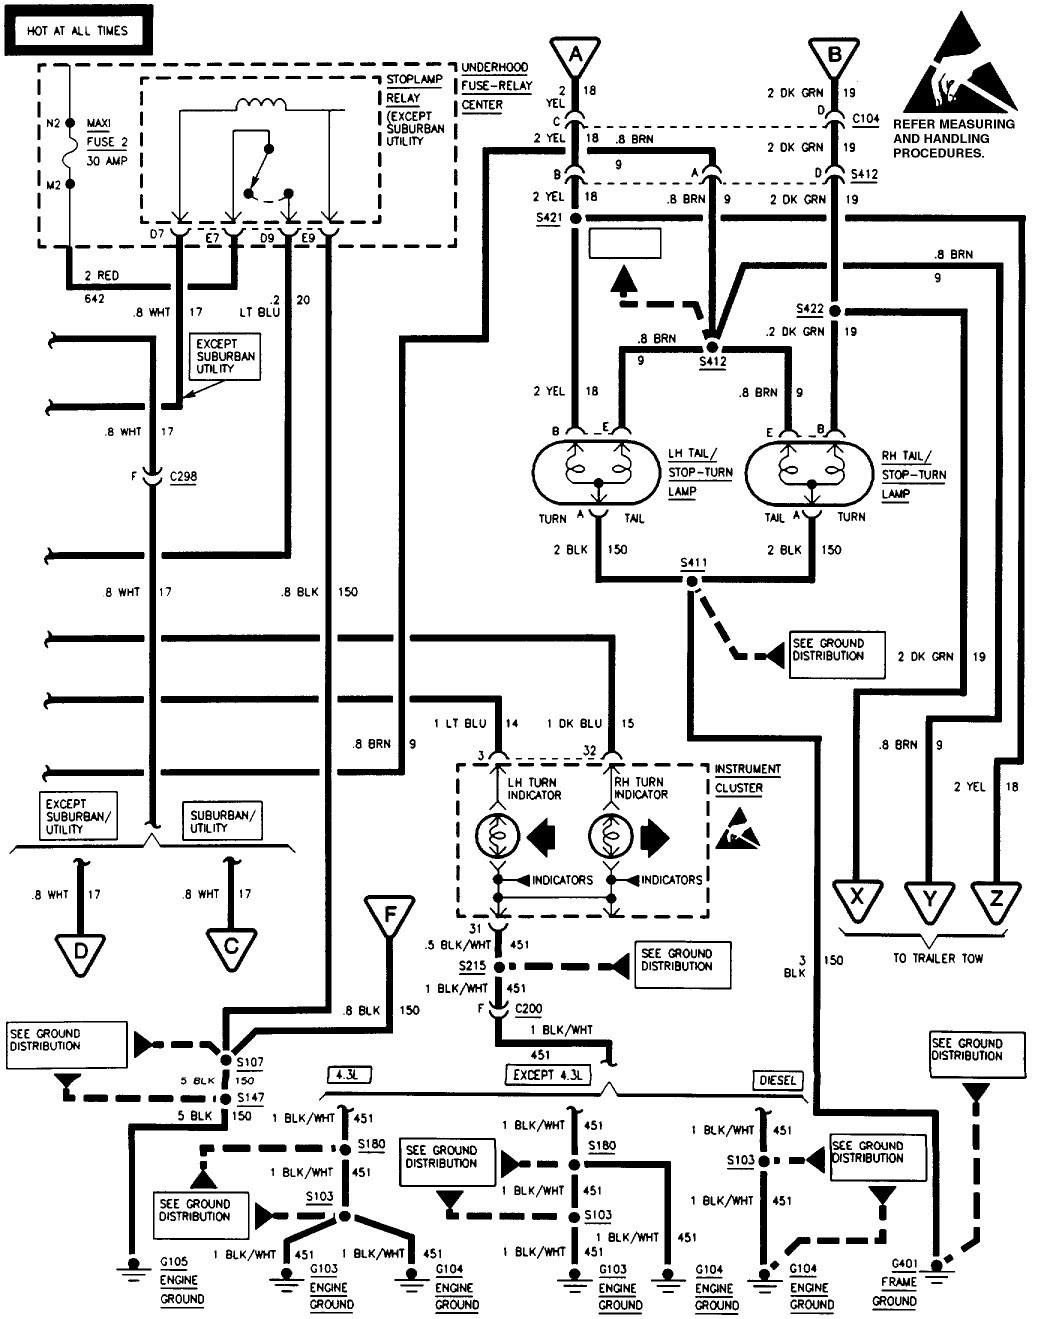 2015 mack fuse panel diagram